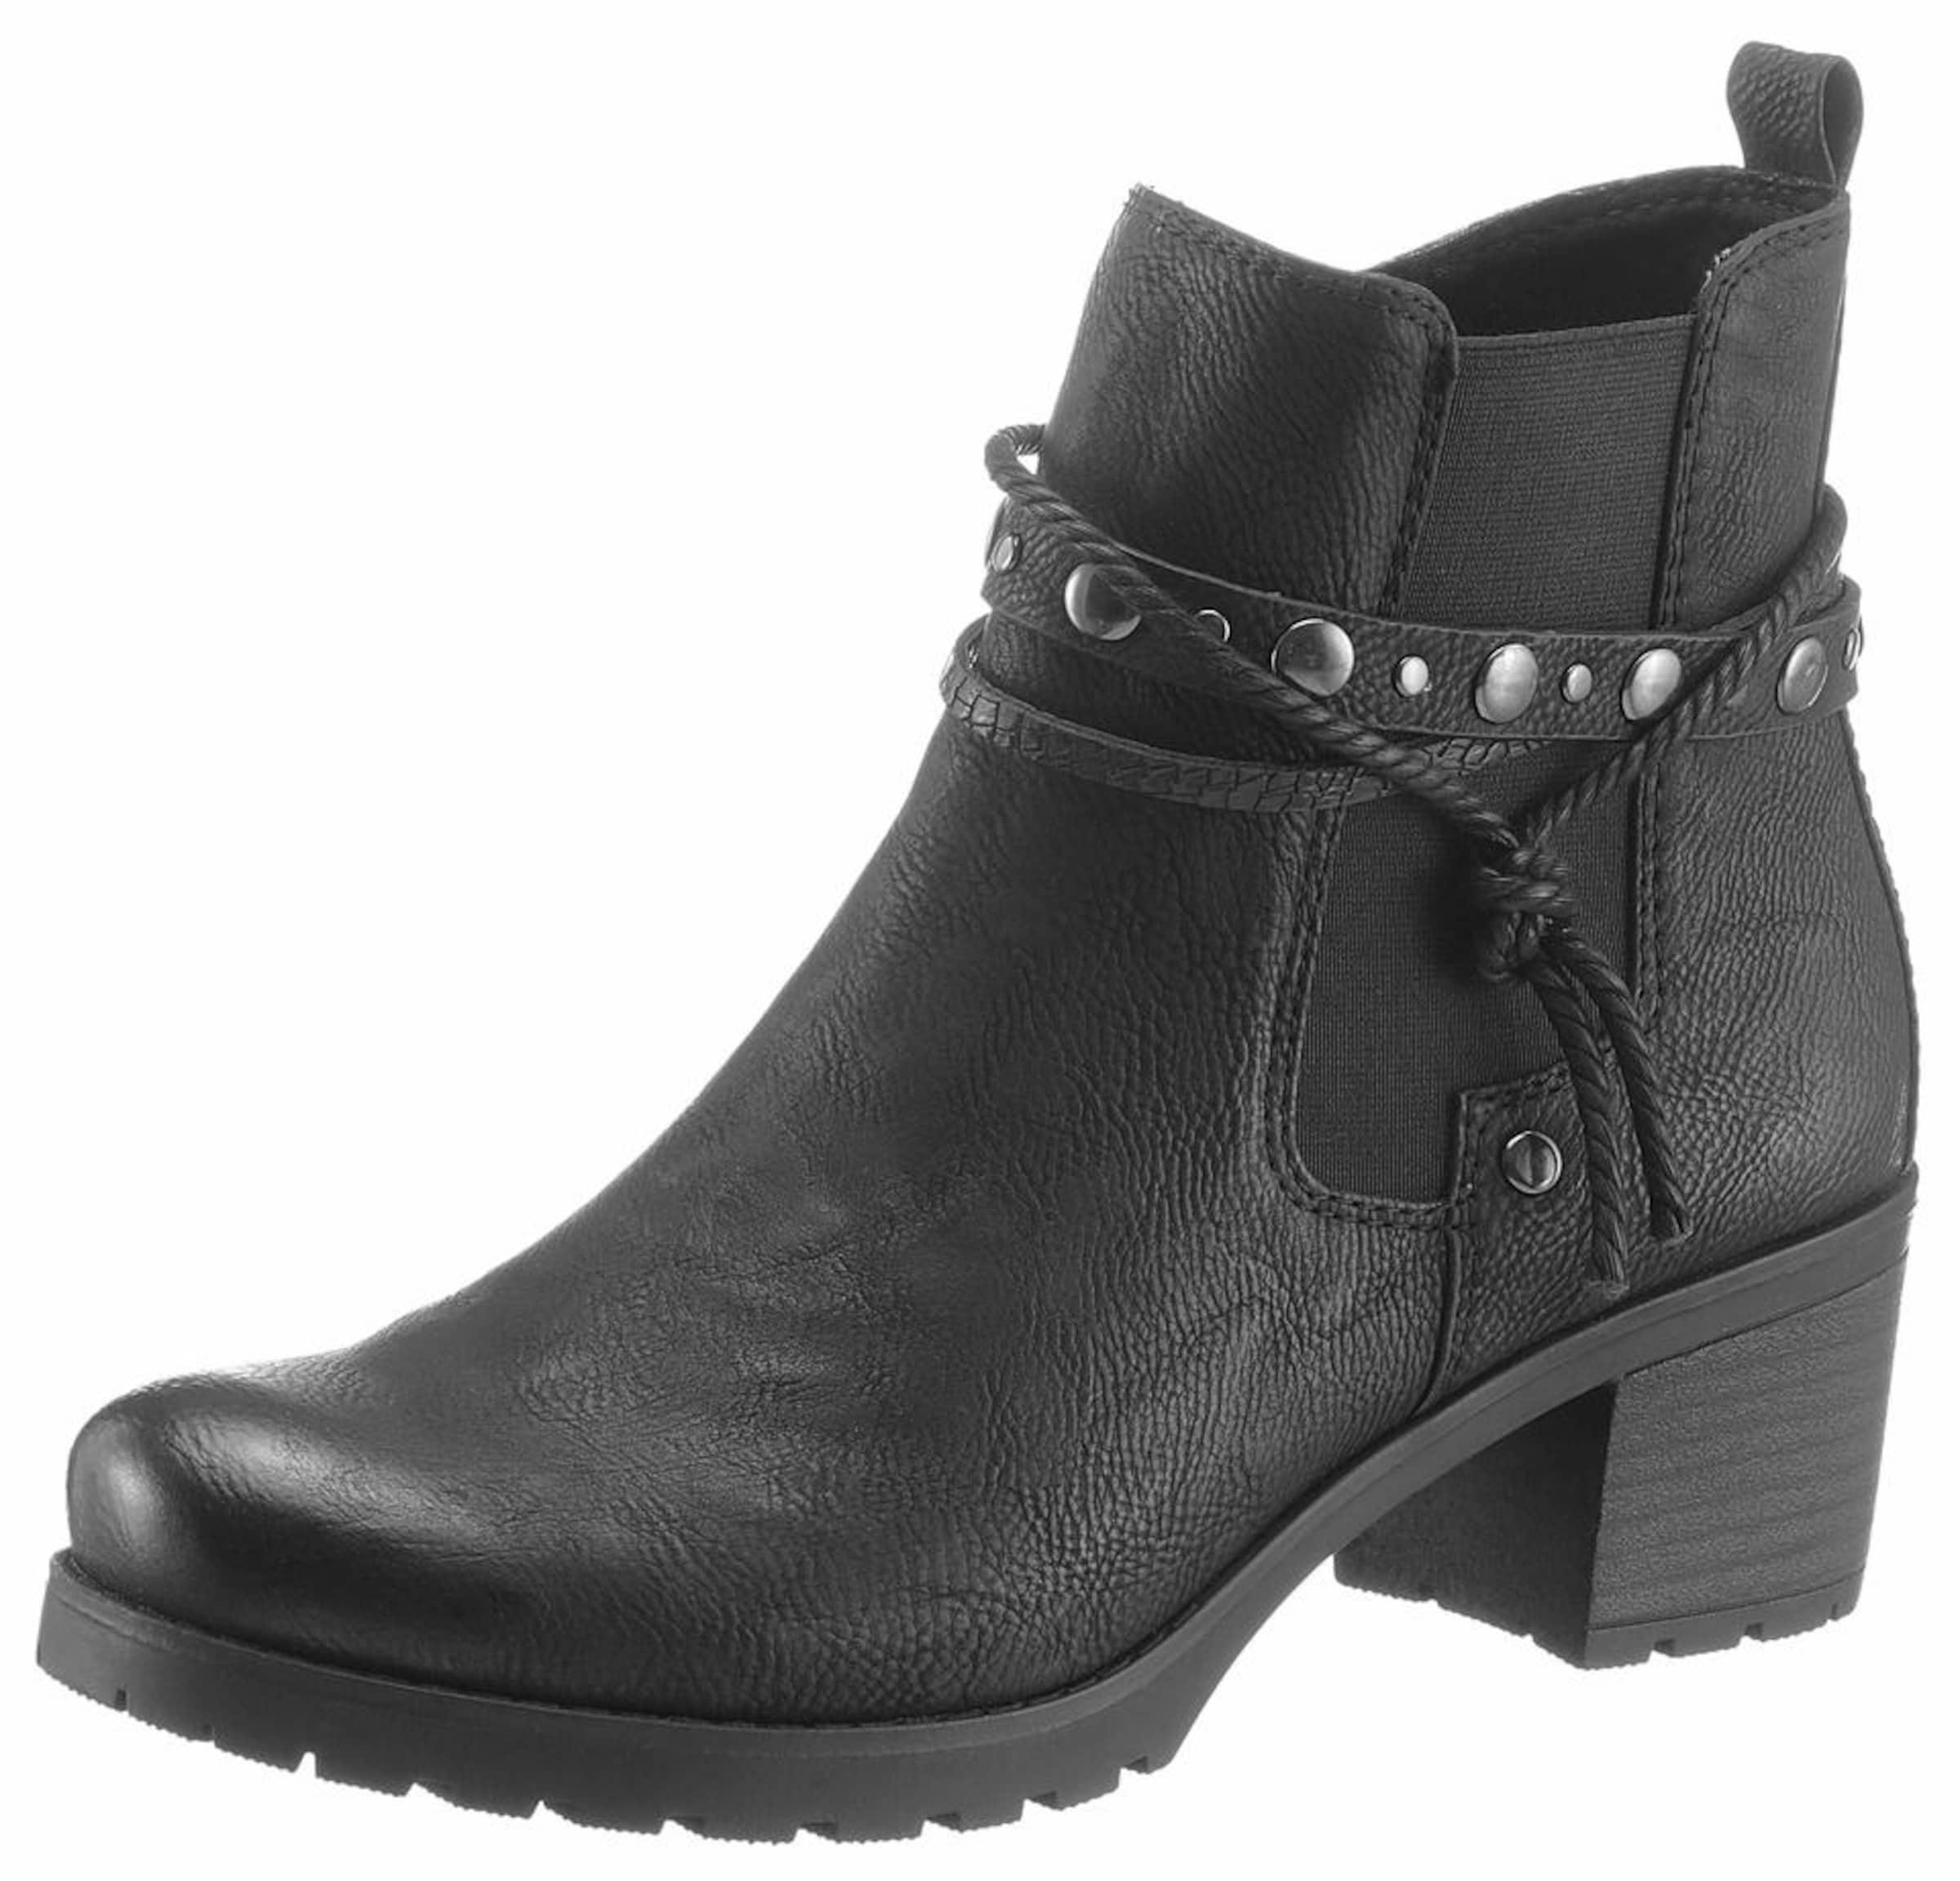 ARIZONA Stiefelette Günstige und langlebige Schuhe